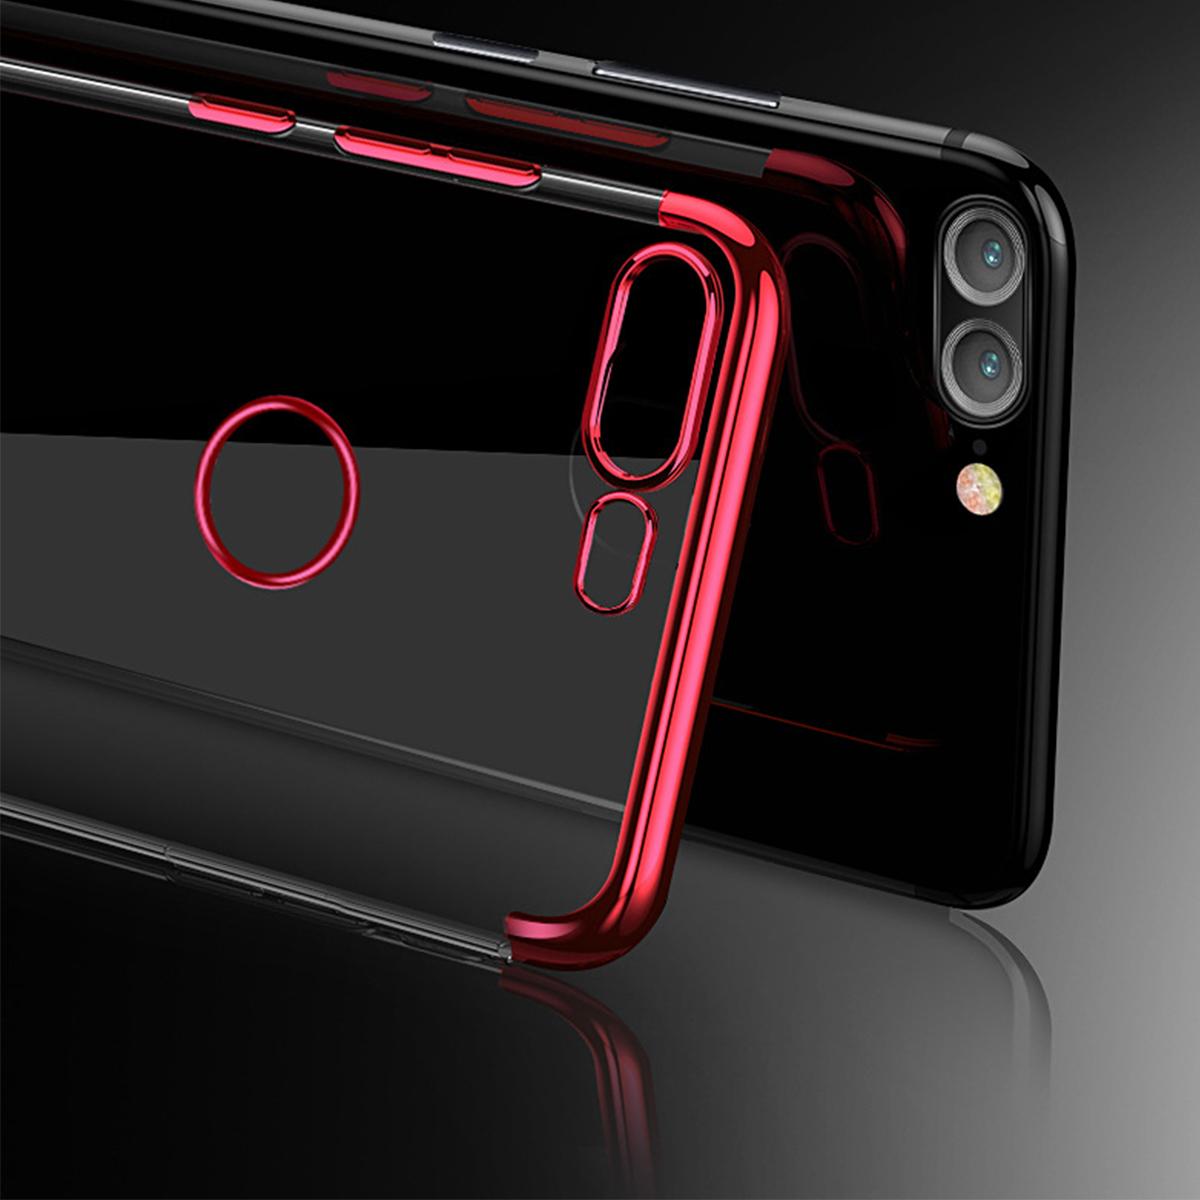 Huawei Nova 2i Honor 9 Lite Honor 7X V10 Plating TPU Soft Case Cover Casing